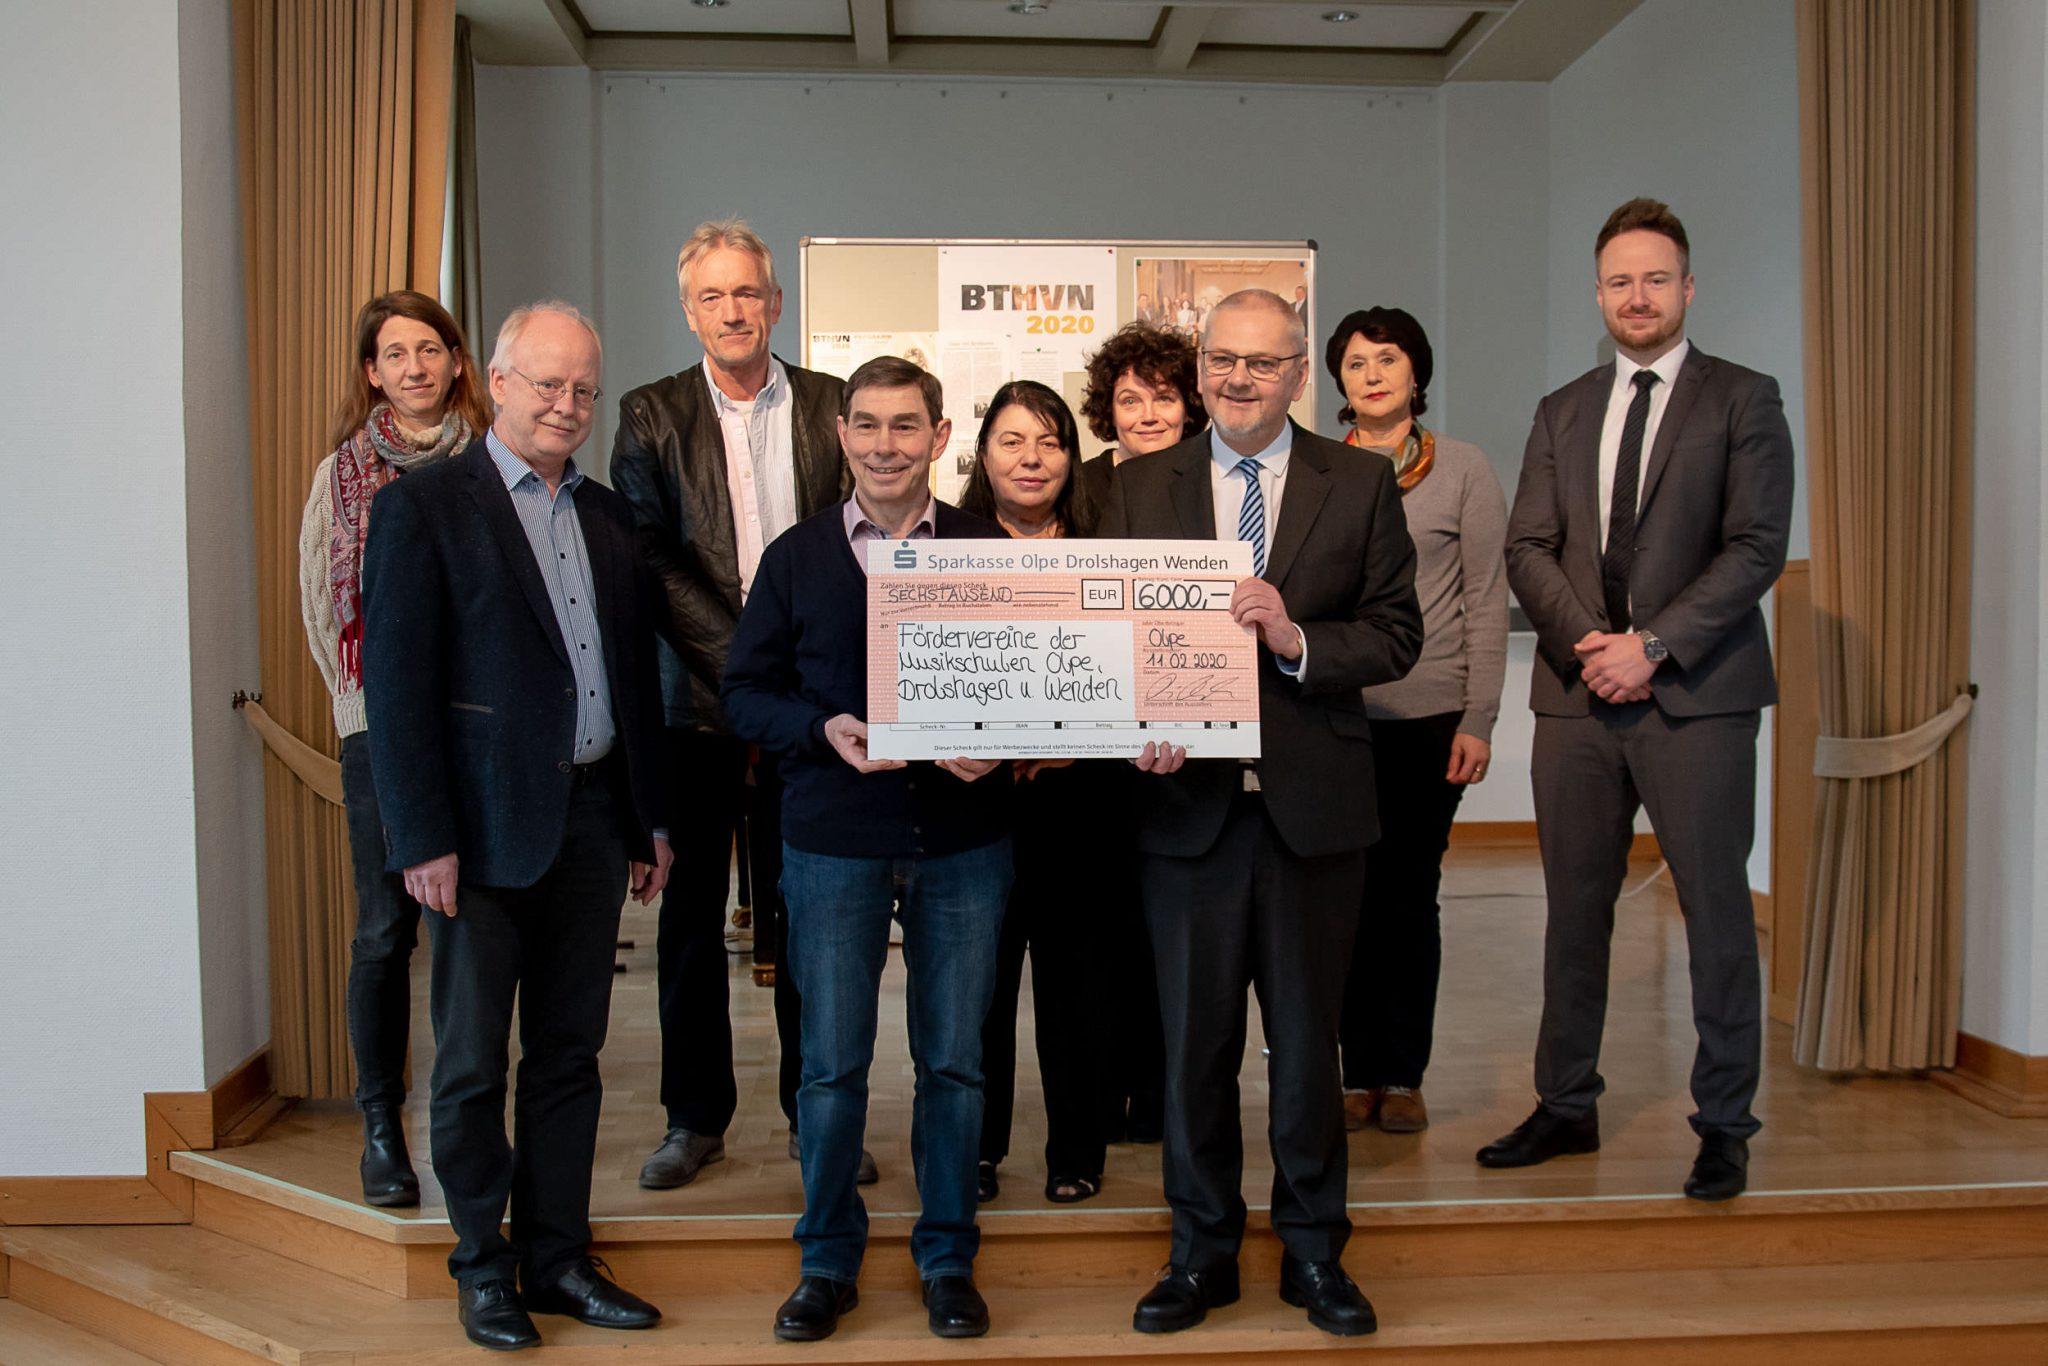 Gemeinschaftliche Initiative der Musikschulen zum 250. Geburtstag Beethovens